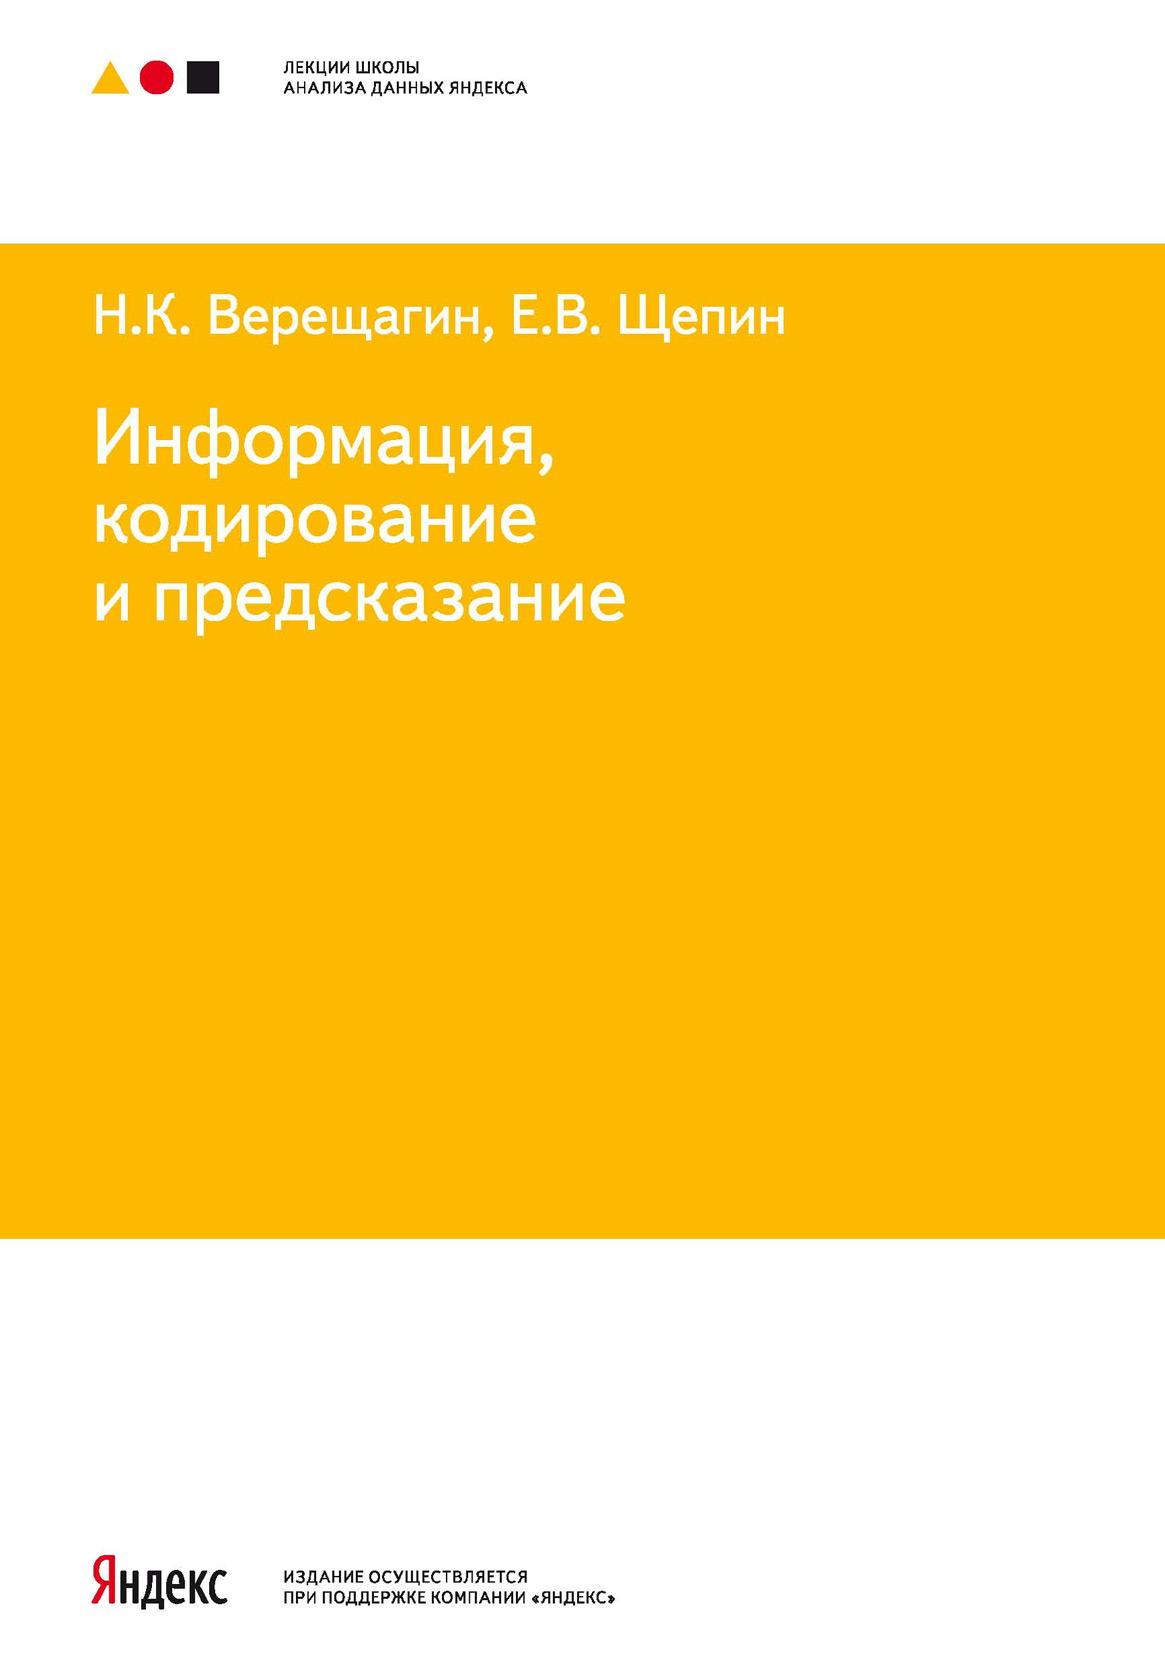 Н. К. Верещагин Информация, кодирование и предсказание ольга литвинская основы теории передачи информации